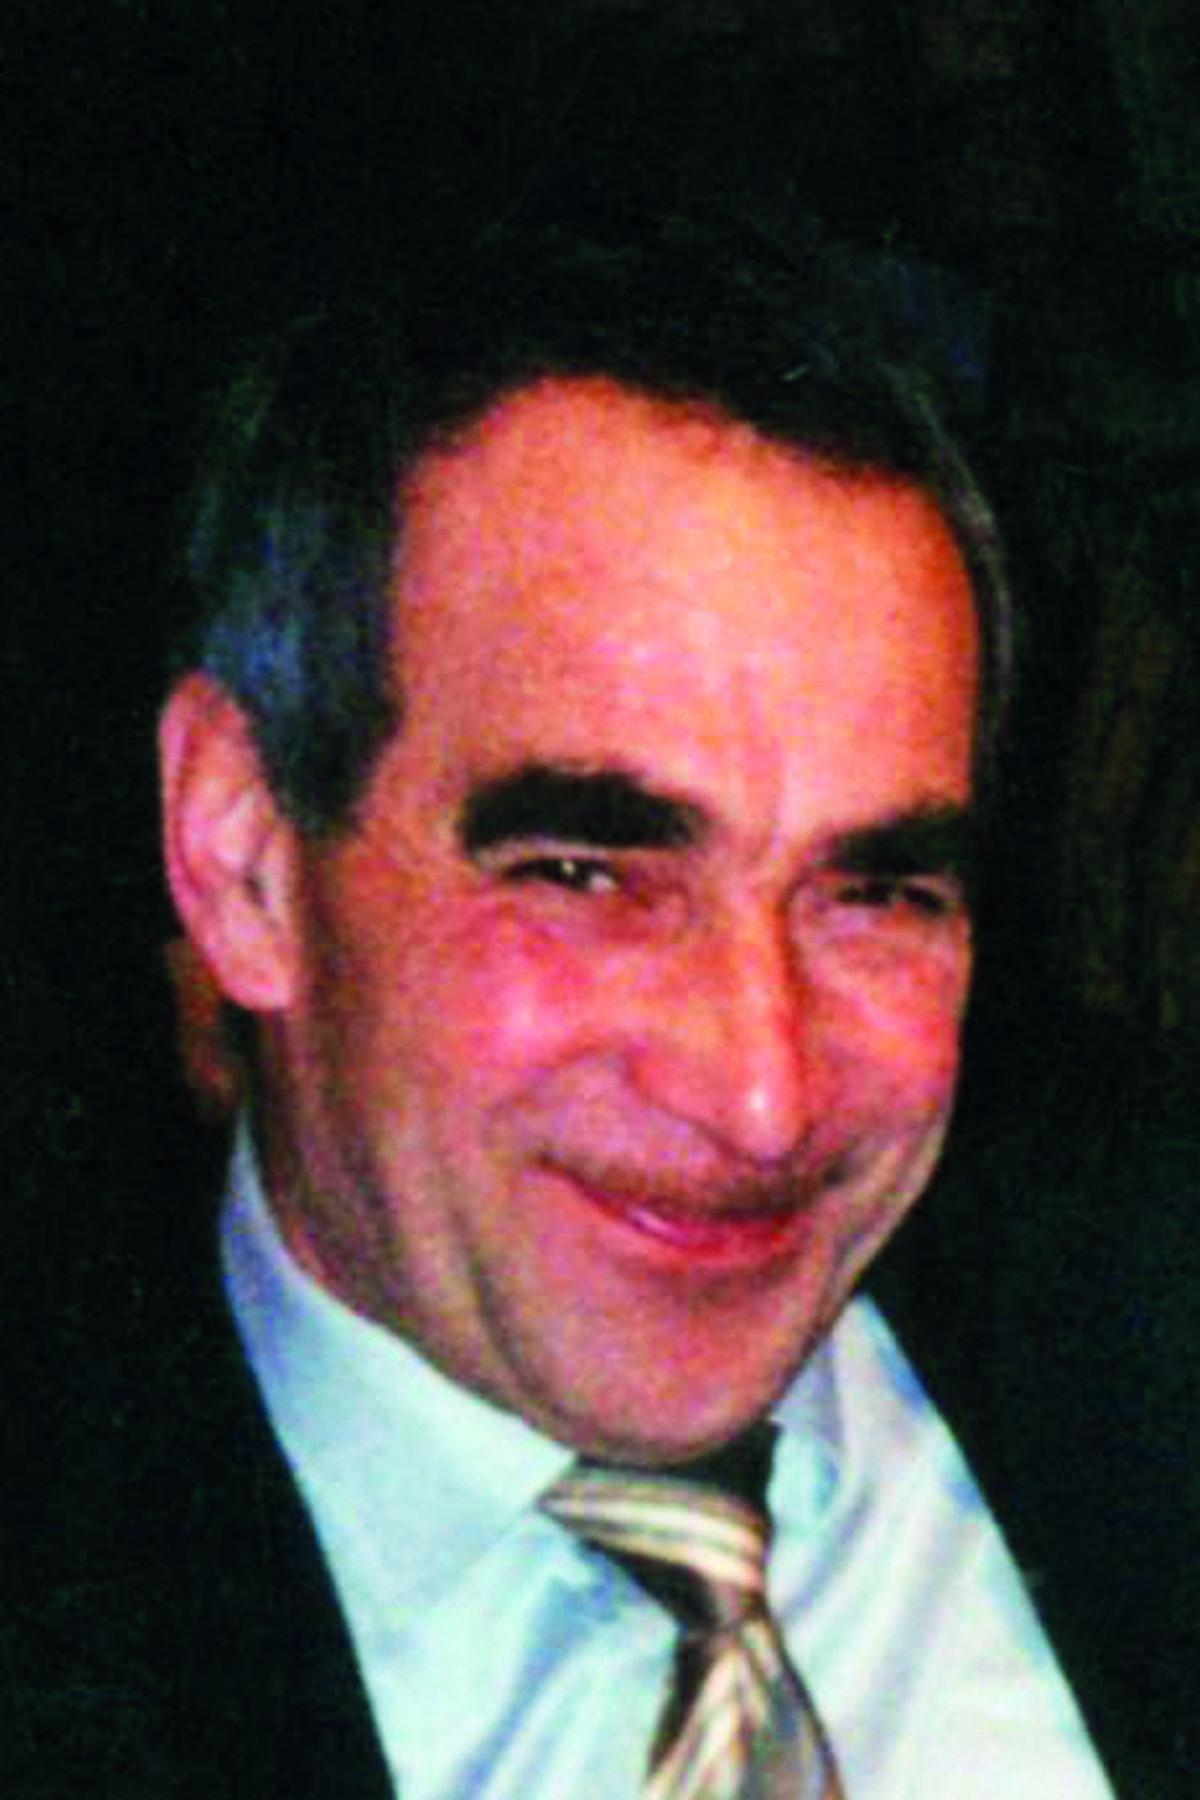 Paul Staeren